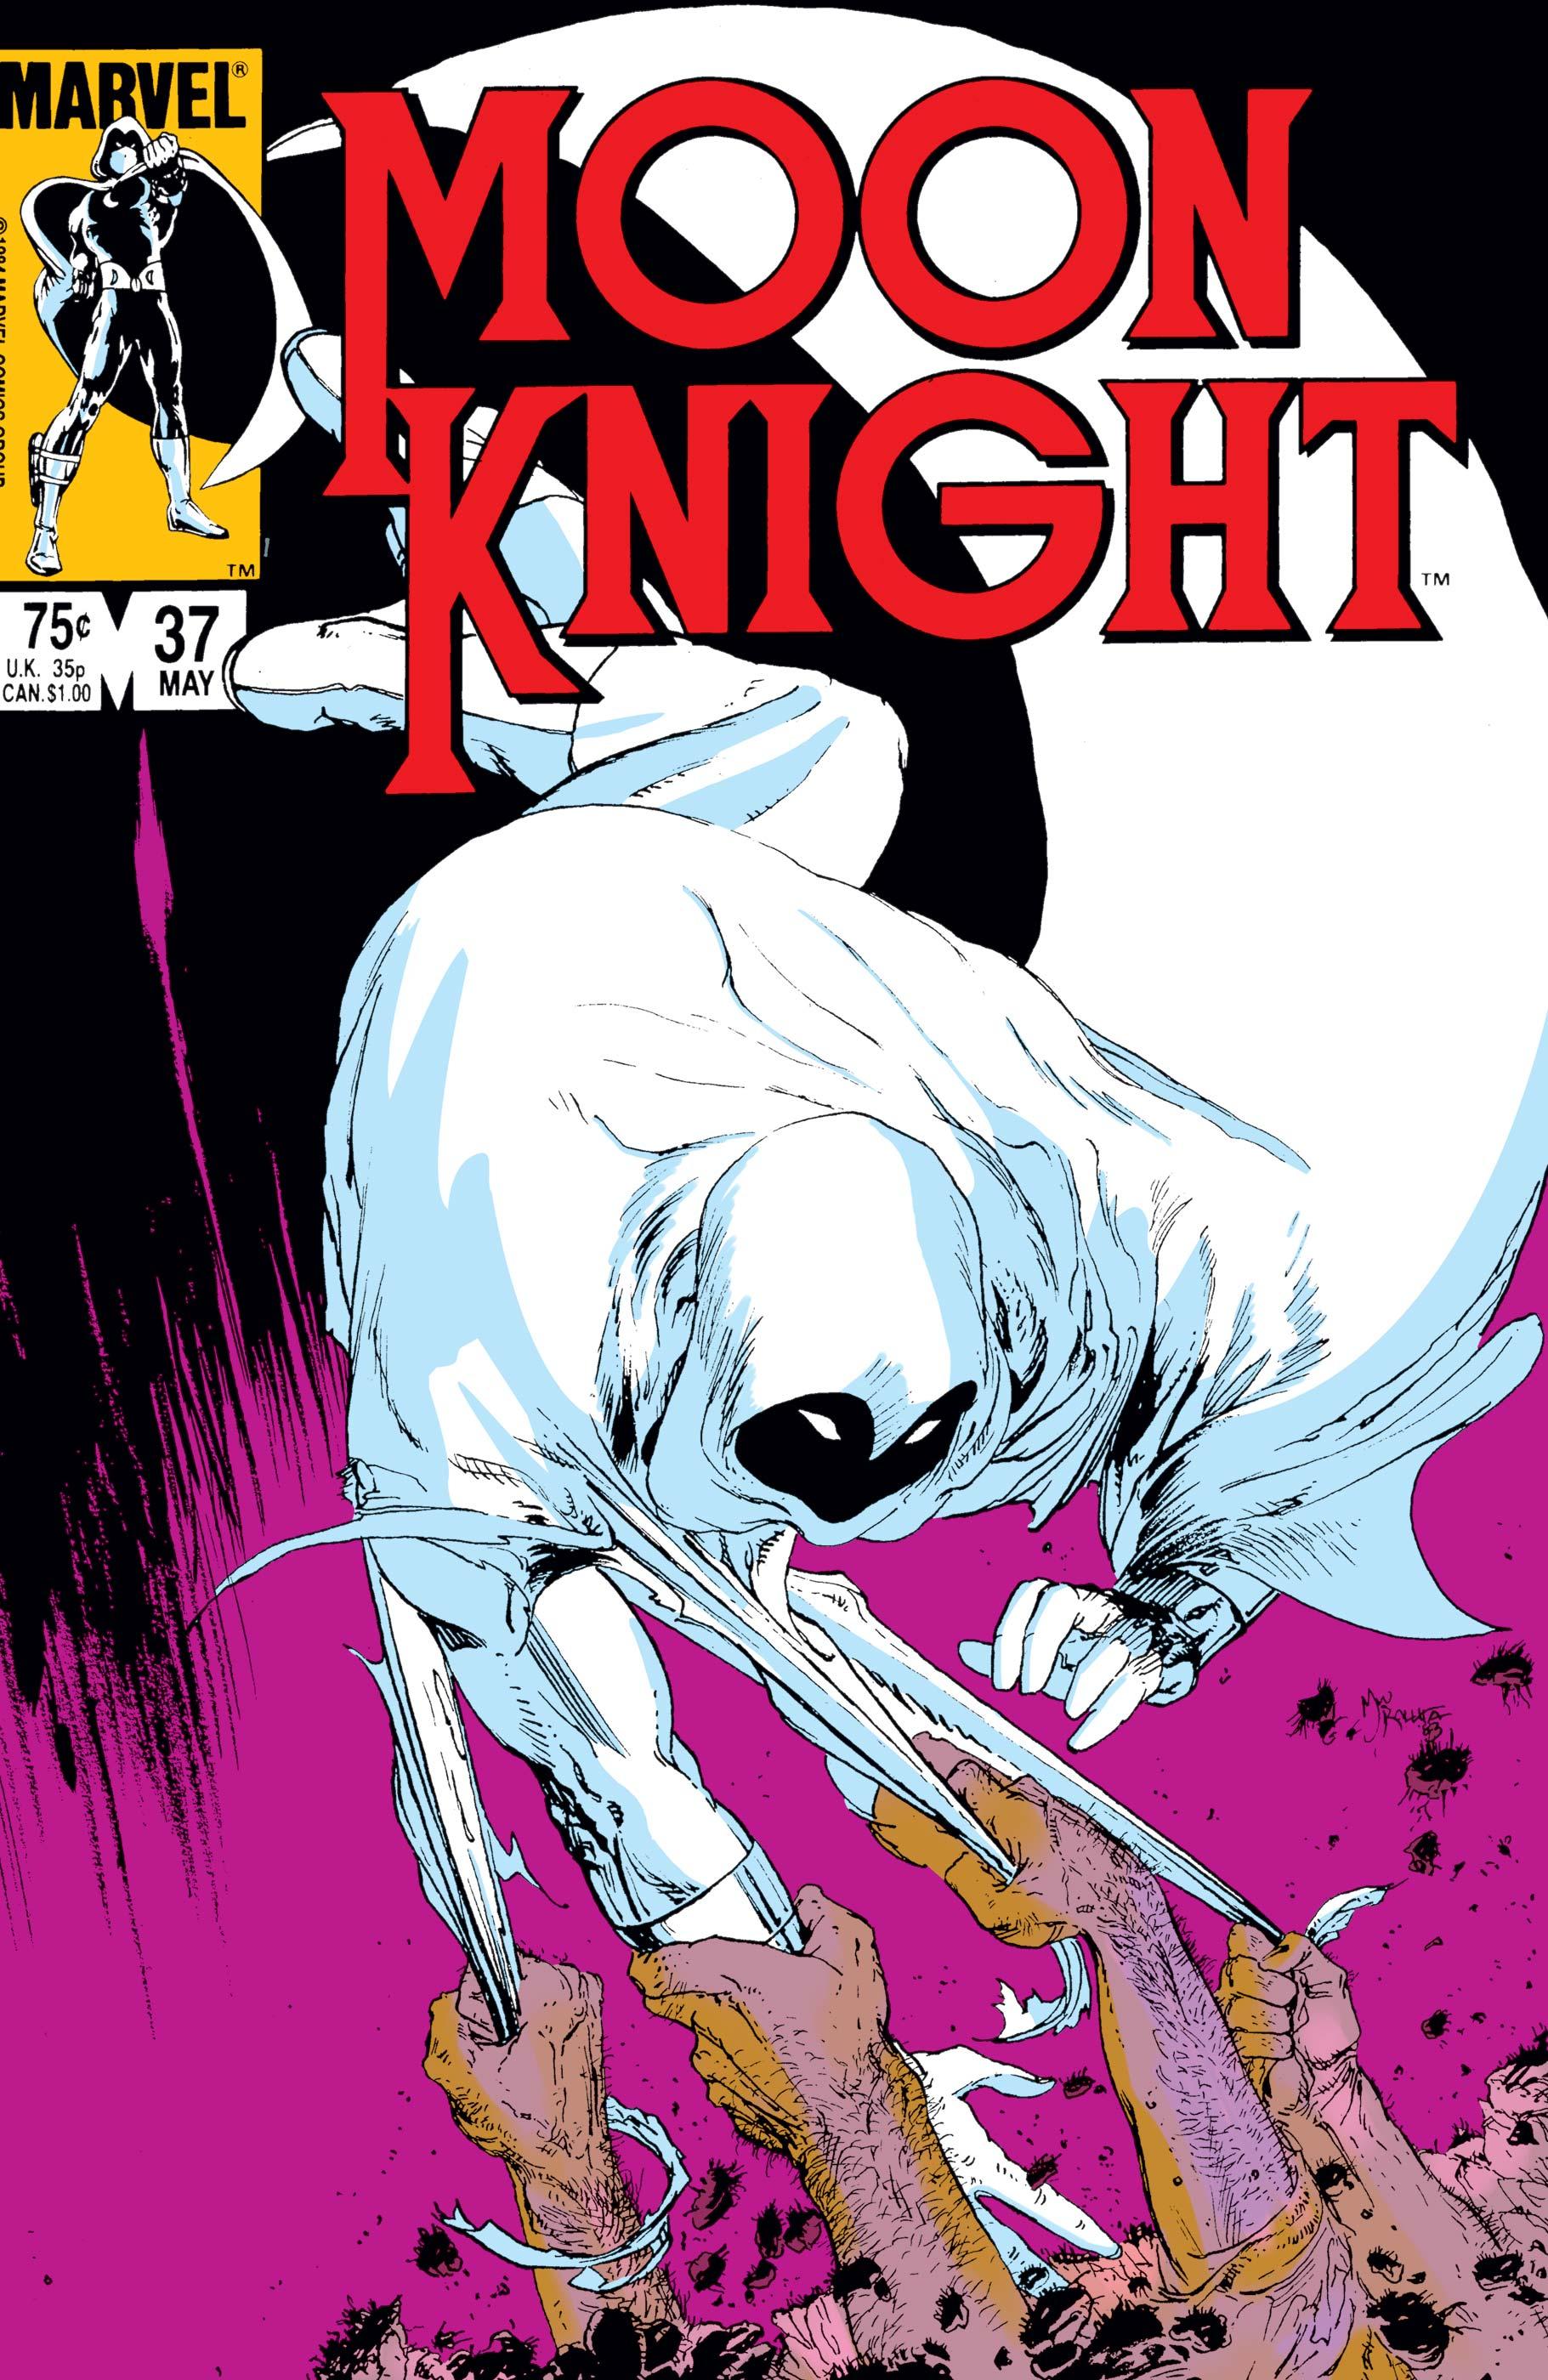 Moon Knight (1980) #37